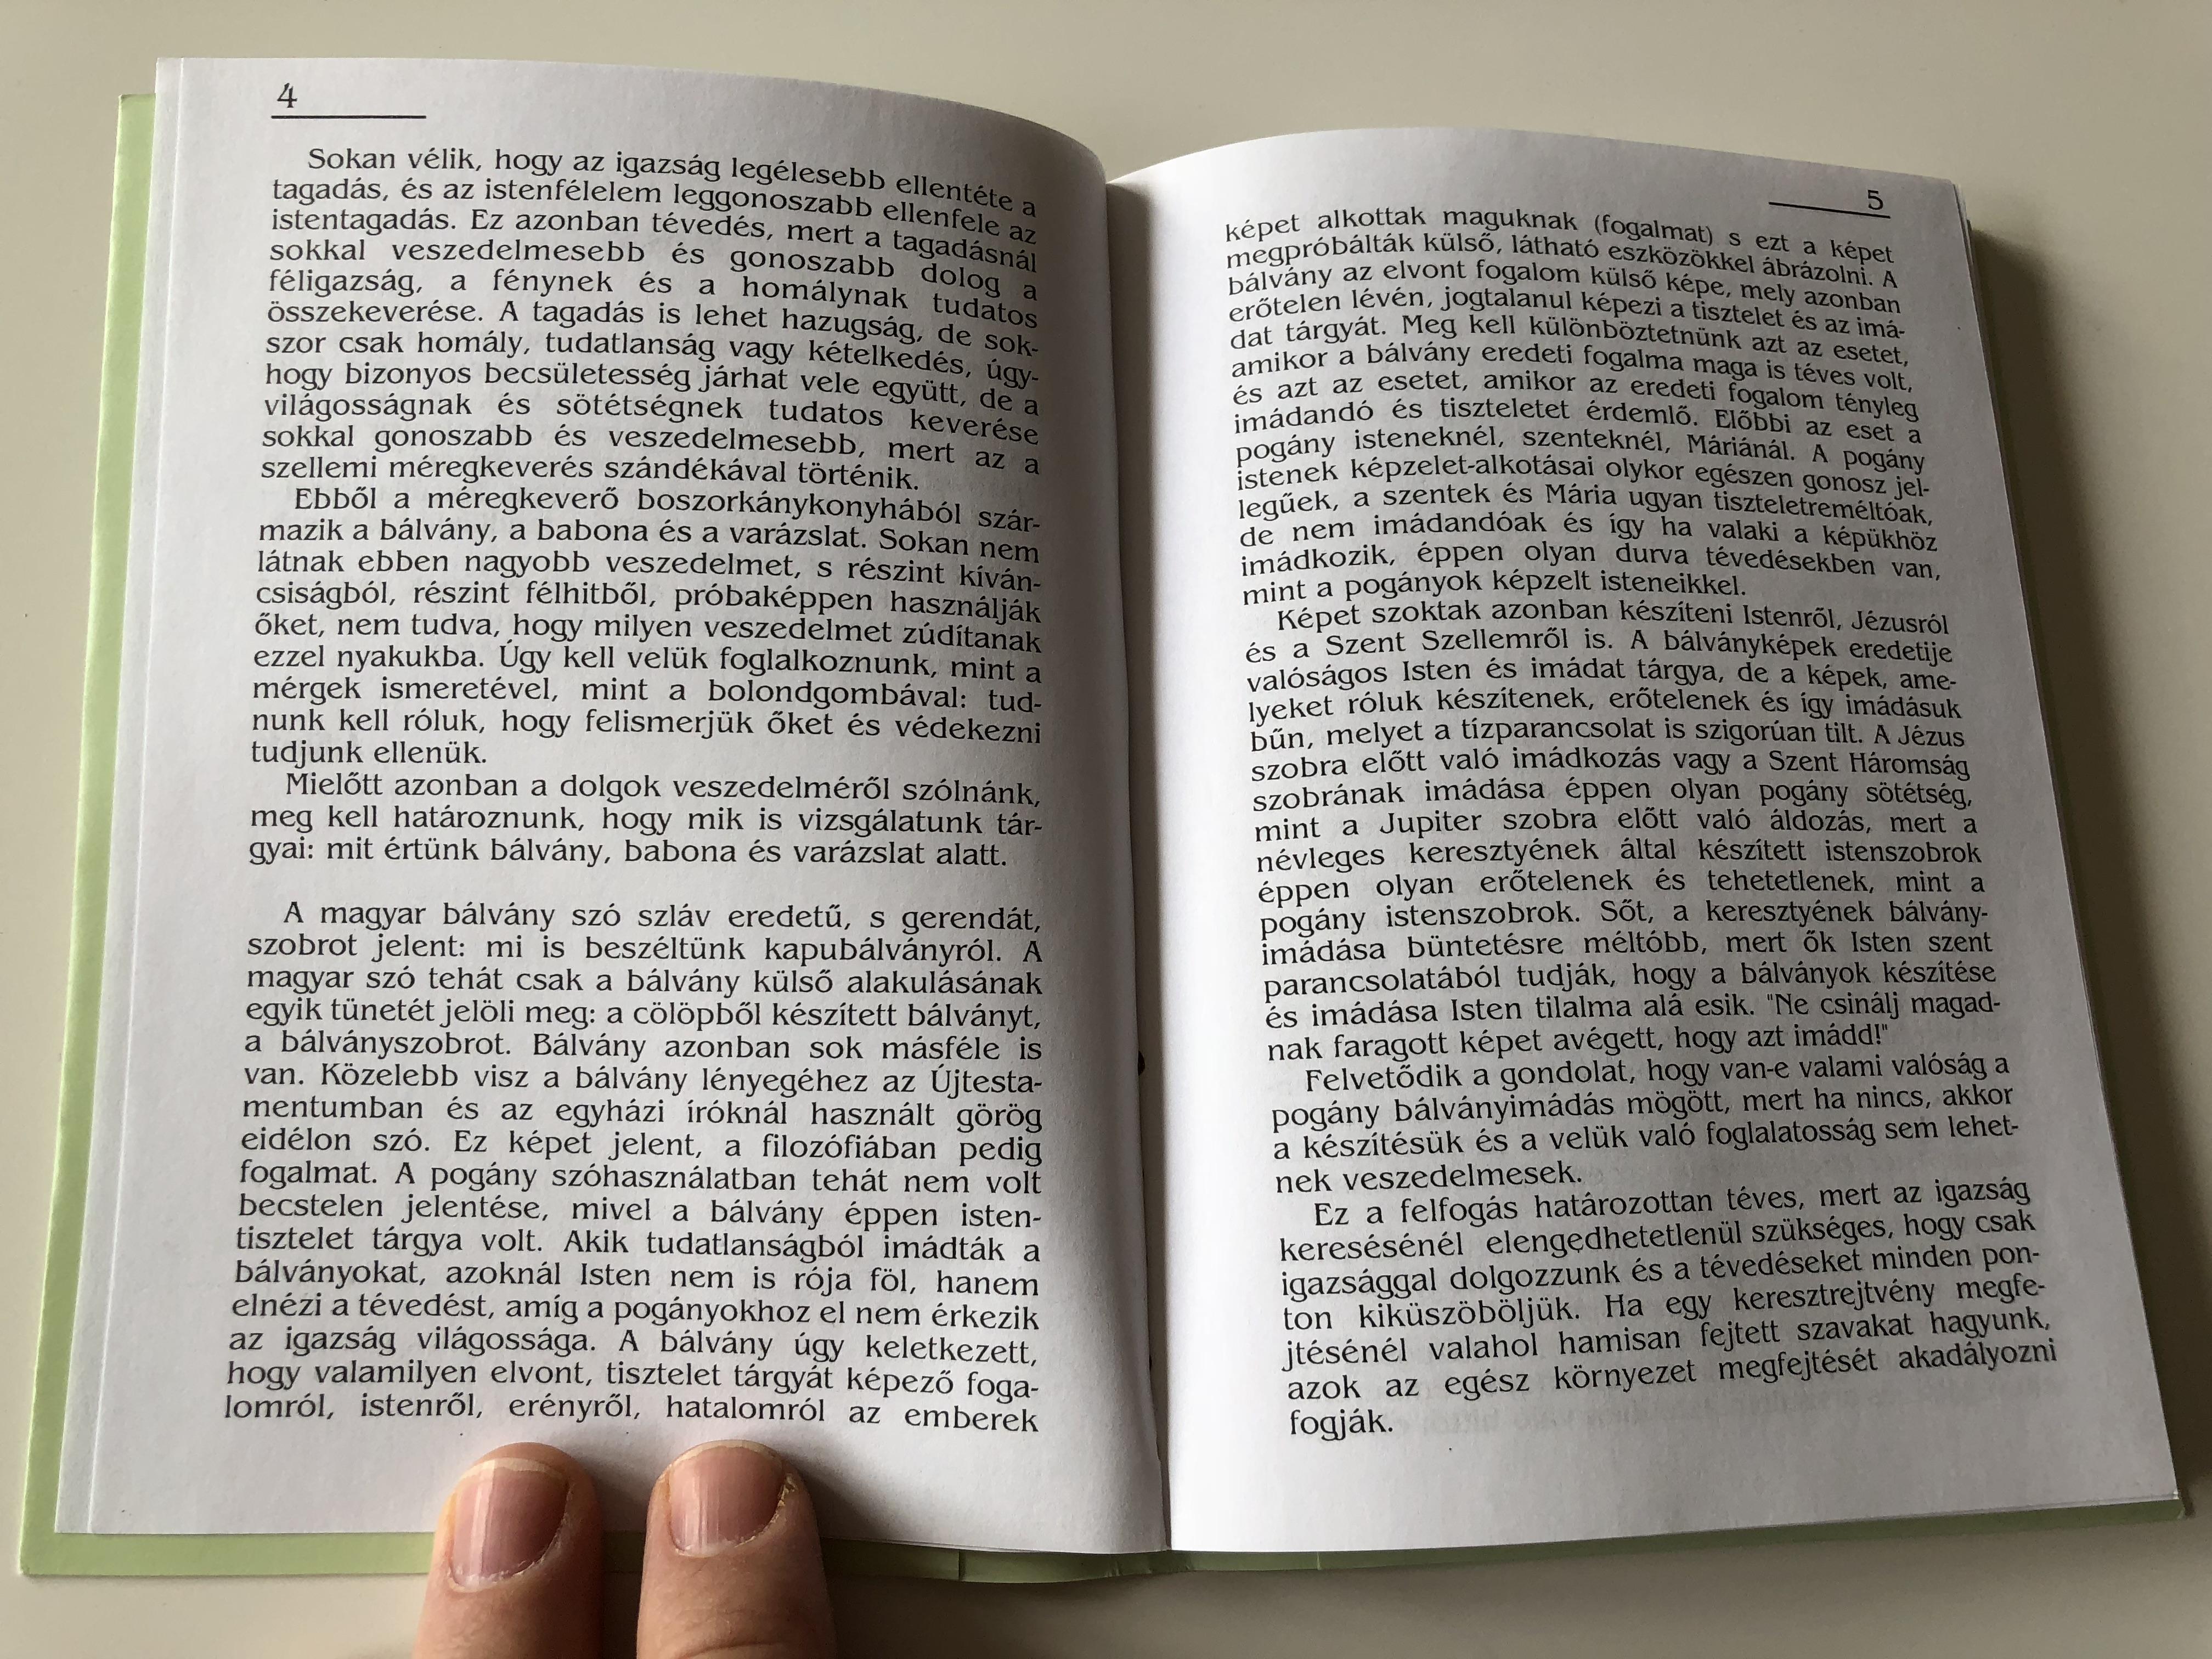 beteg-vall-soss-g-eg-szs-ges-kereszty-nys-g-by-csia-lajos-ill-religiousness-healthy-christianity-hungarian-language-booklet-sz-zszorsz-p-kiad-2004-10-.jpg